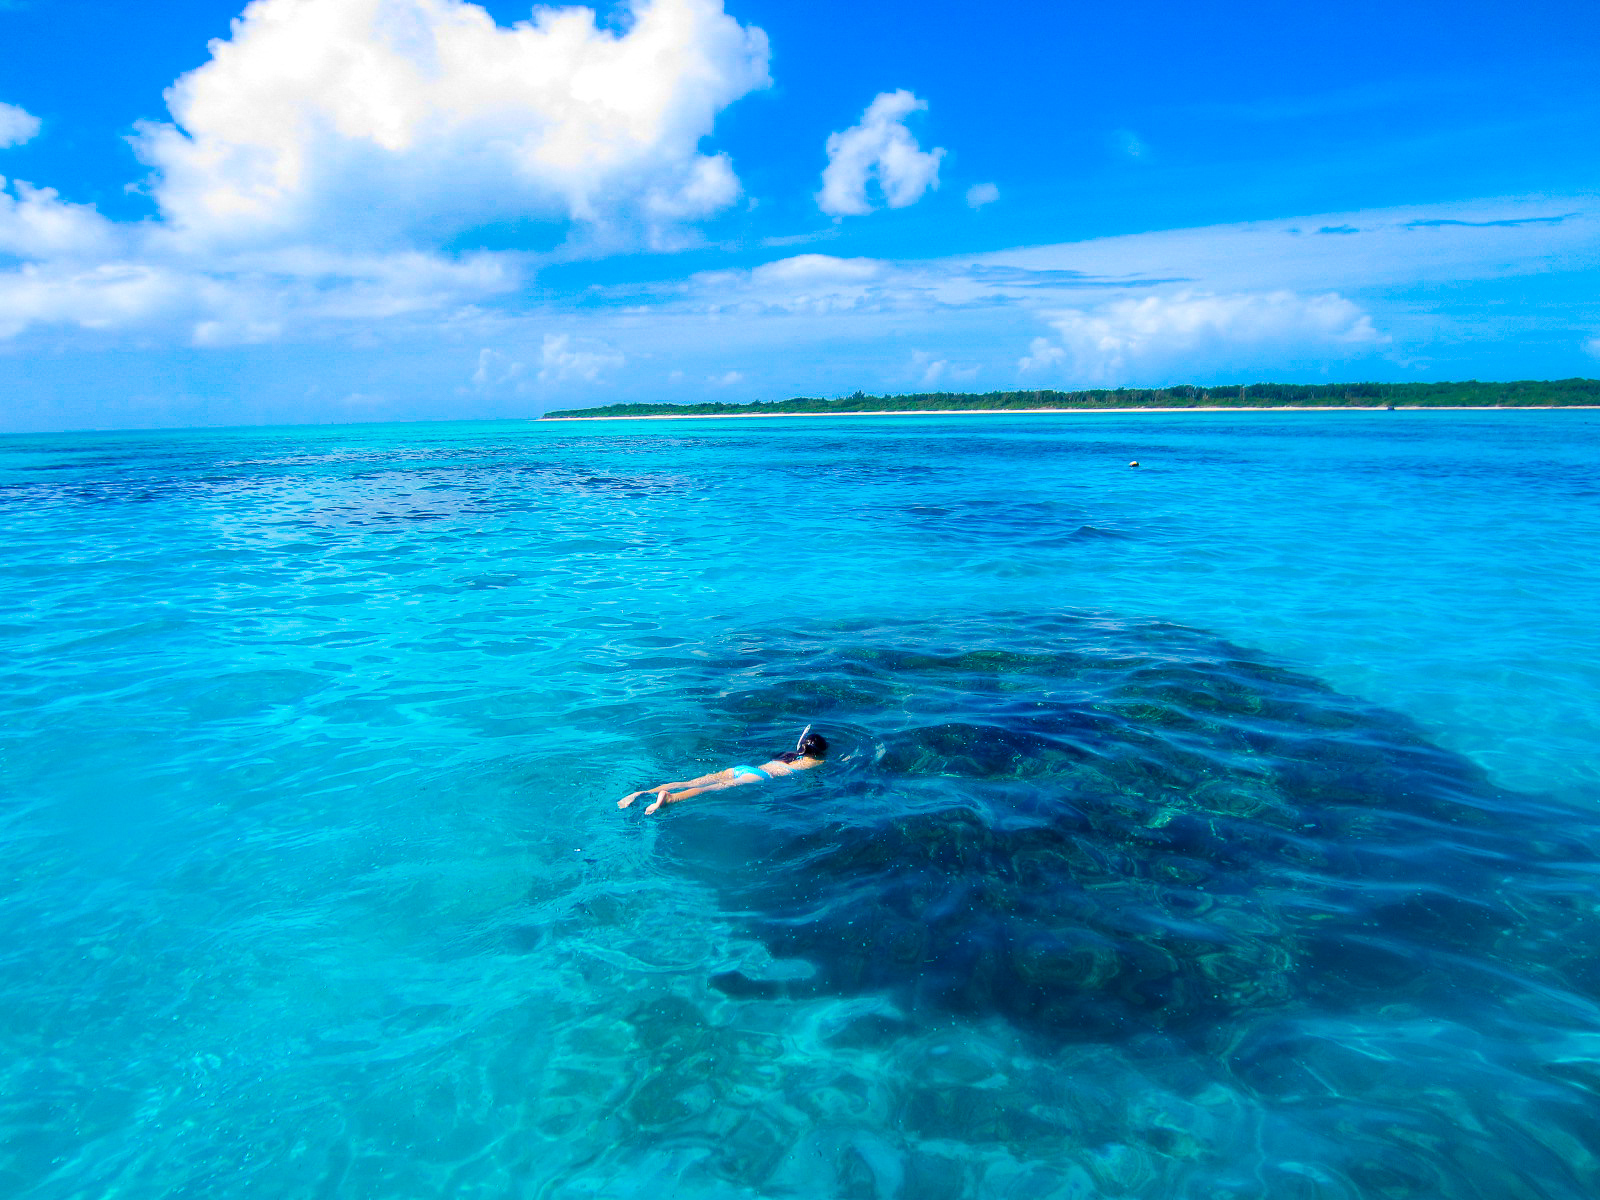 【地域共通クーポン対象】カラフルサンゴ礁・ウミガメに会いに行くシュノーケリング-PMコース-(No.364)